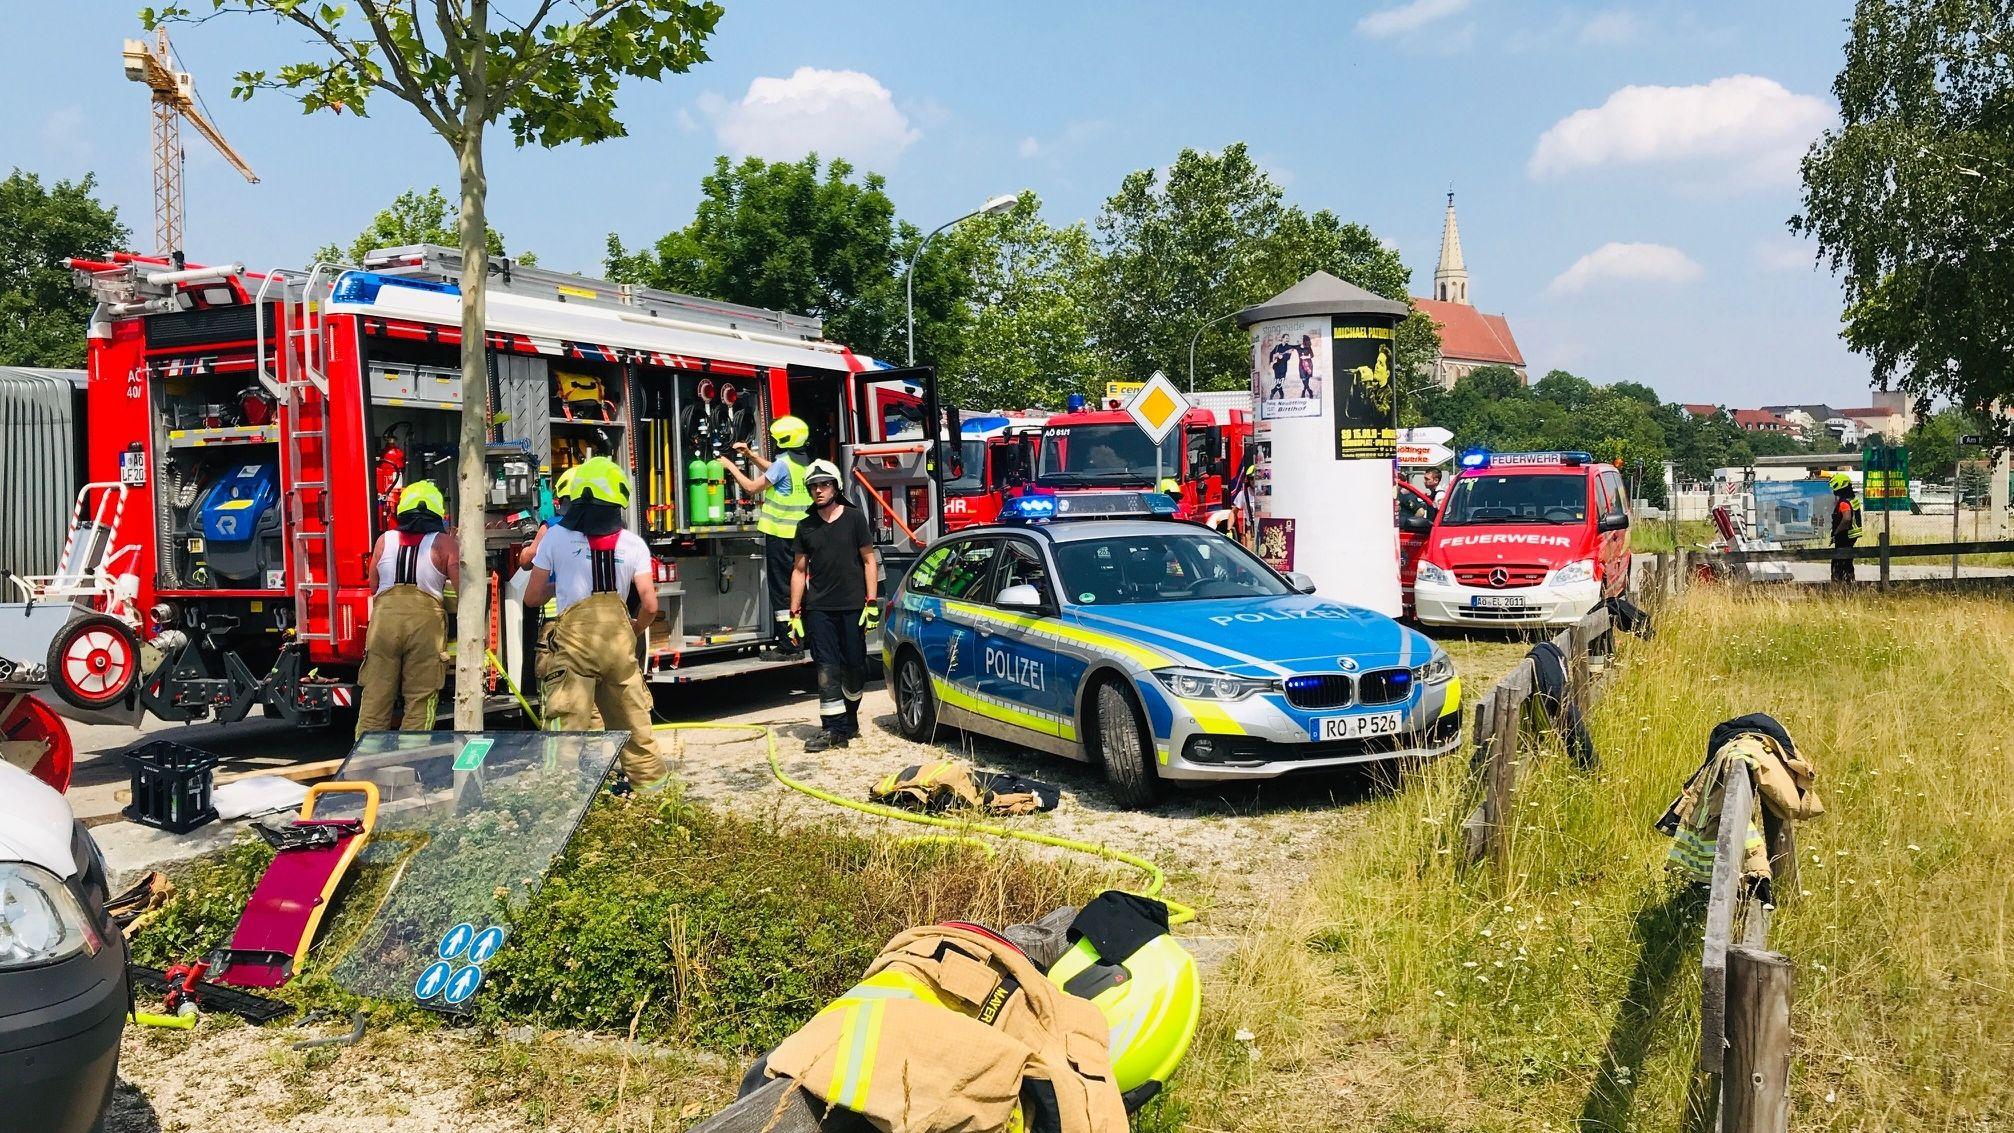 Freiwillige Feuerwehren und die Polizei im Einsatz beim Schulbusunfall in Neuötting